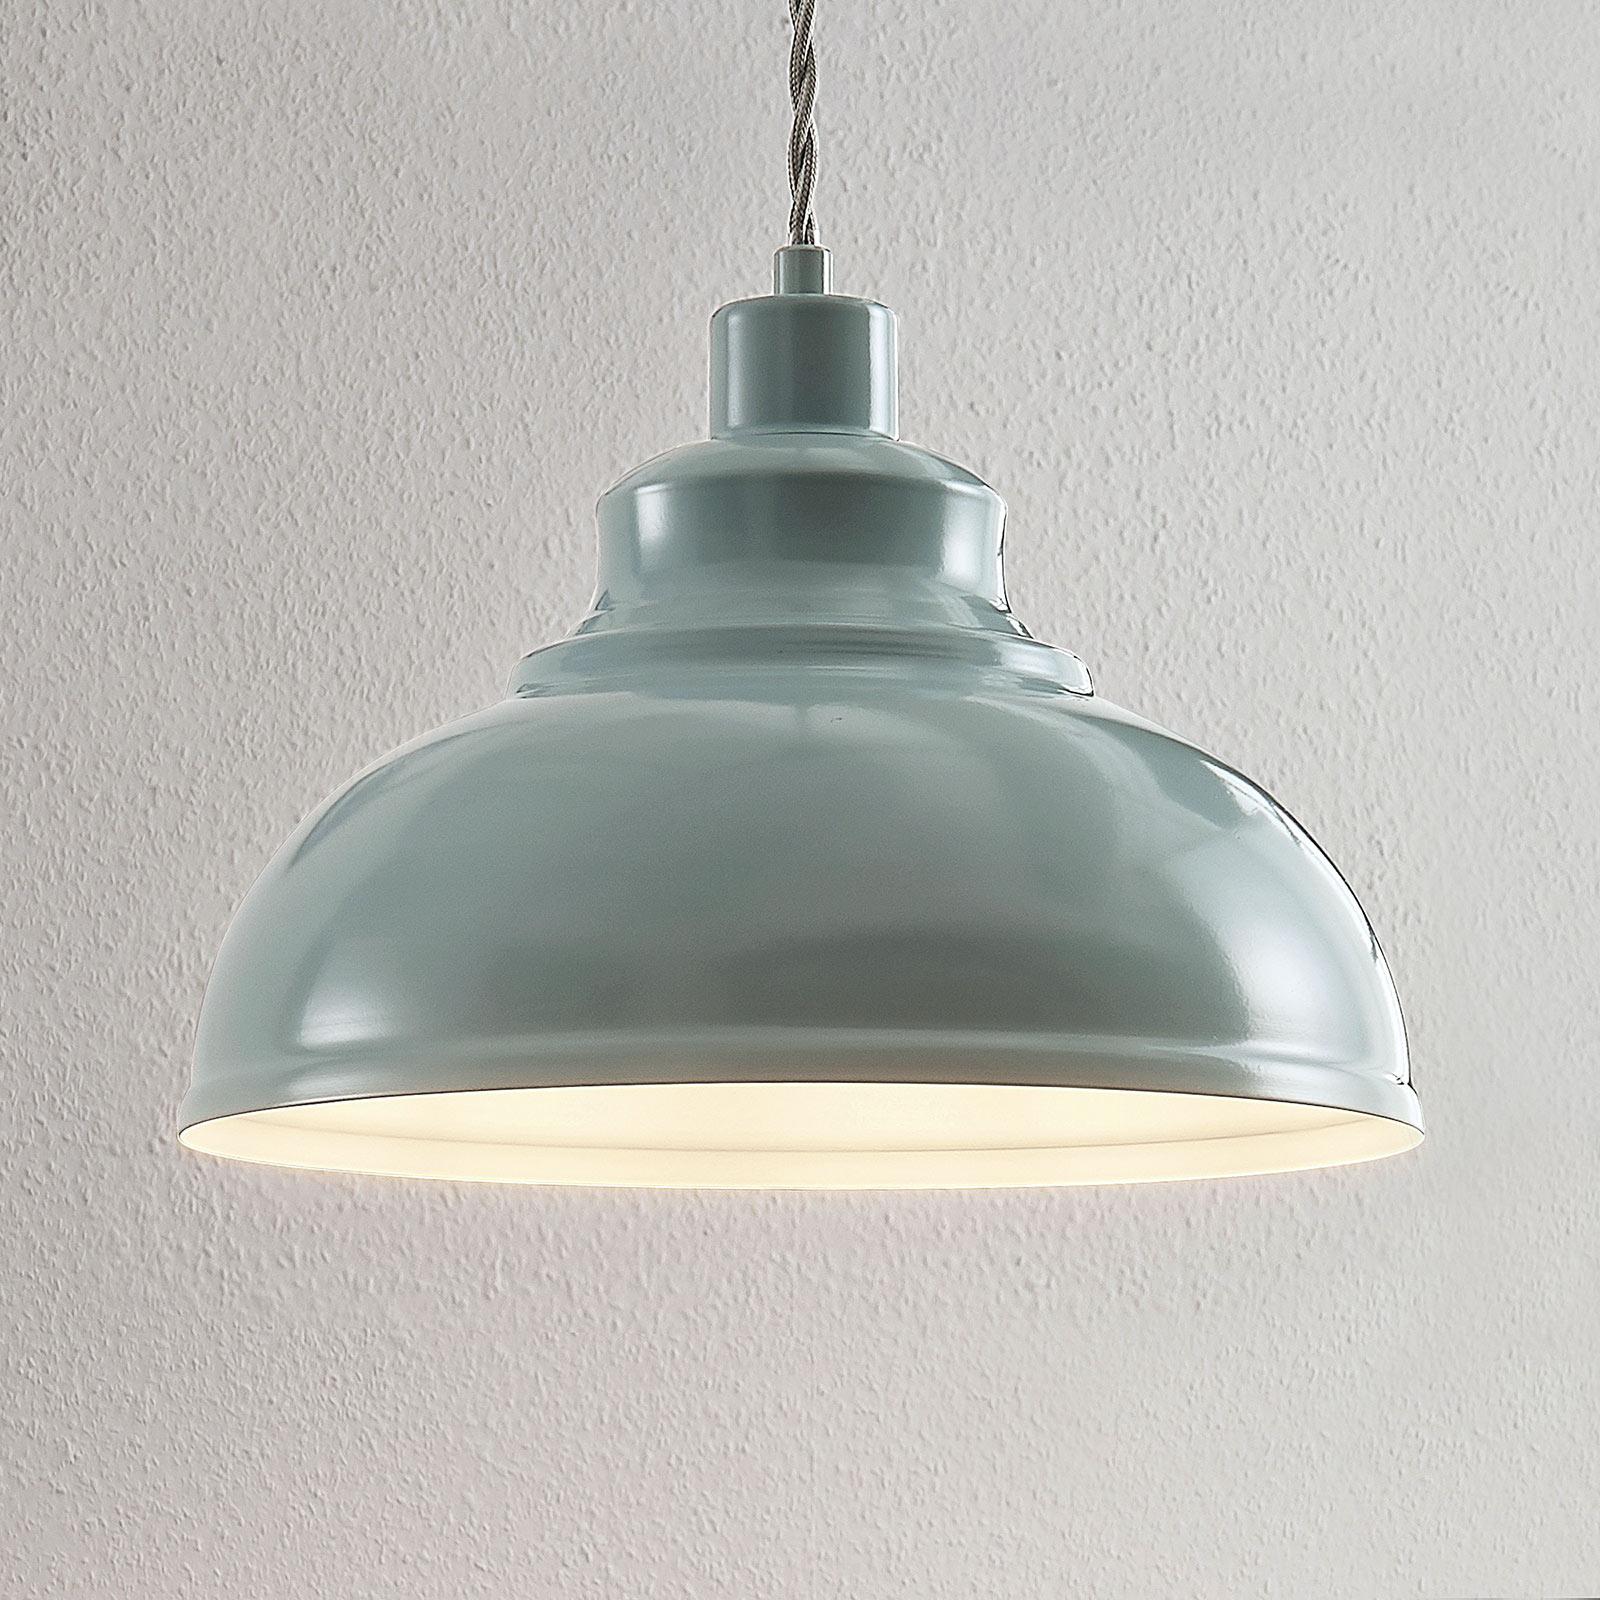 Vintage hanglamp Albertine, metaal, lichtblauw